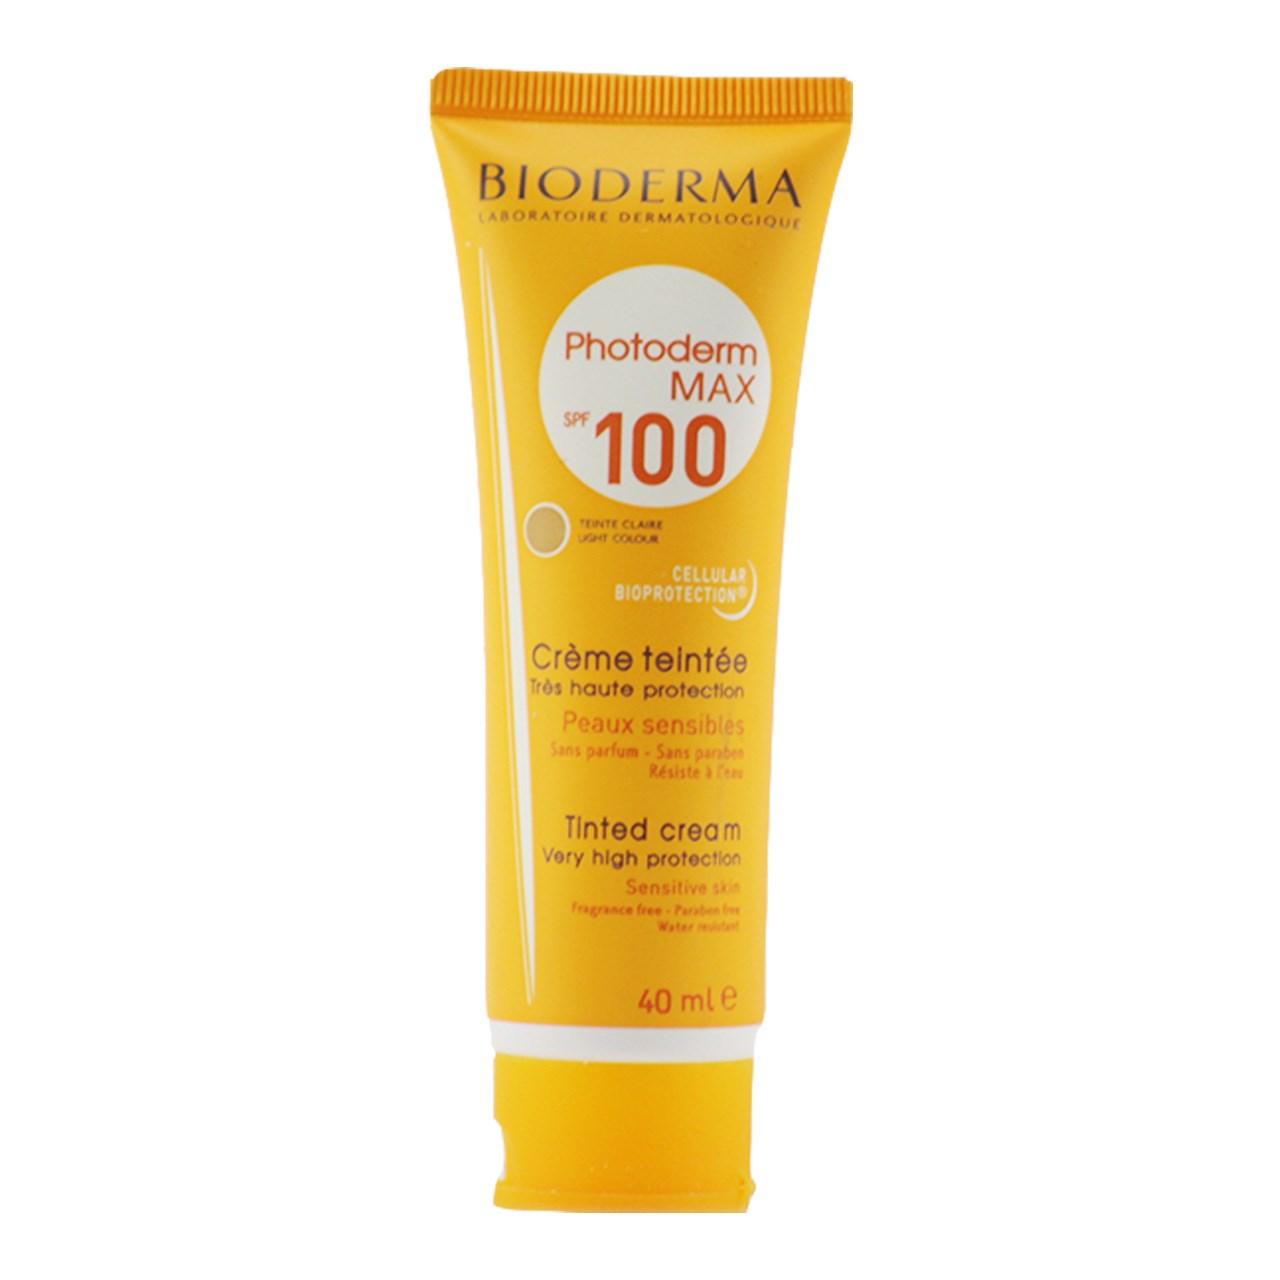 قیمت ضد آفتاب  بایودرما مدل Photoderm max حجم 40 میلی لیتر